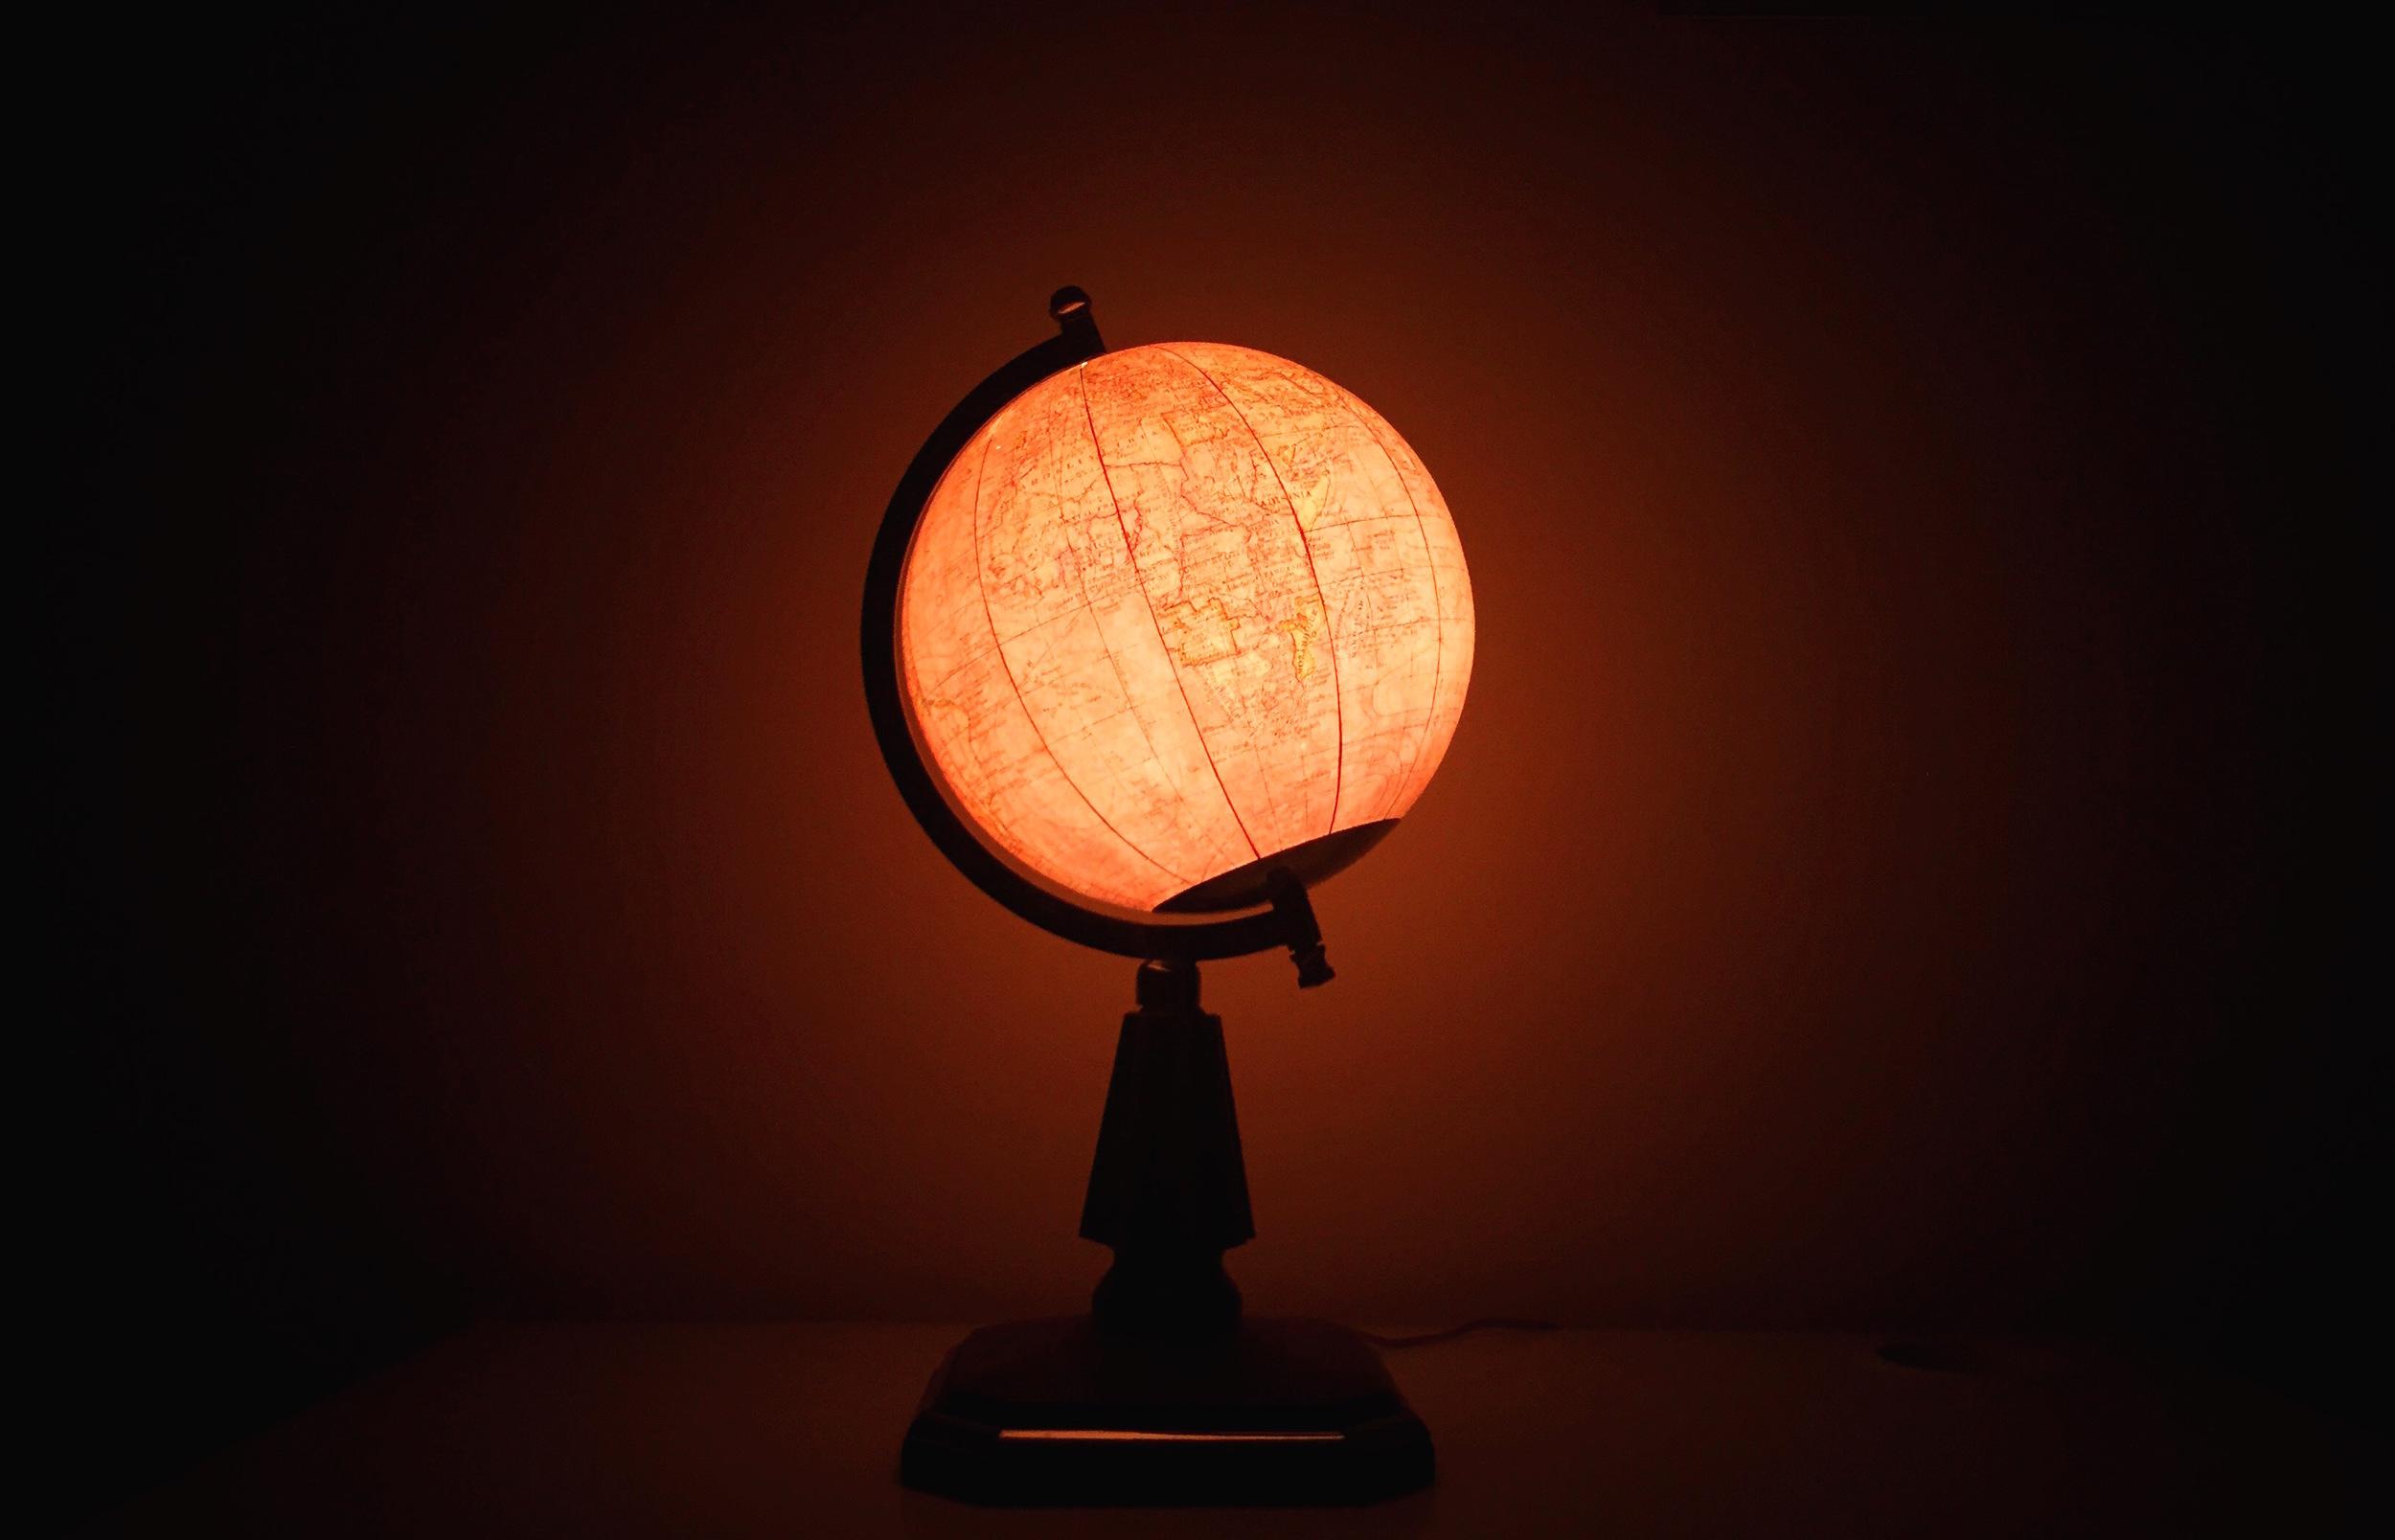 Paluzíe fabricó algunas de las esferas más bellas que se vieron en España. Esta, decó, de opalina, está ya en manos de  quien sabrá disfrutarla .